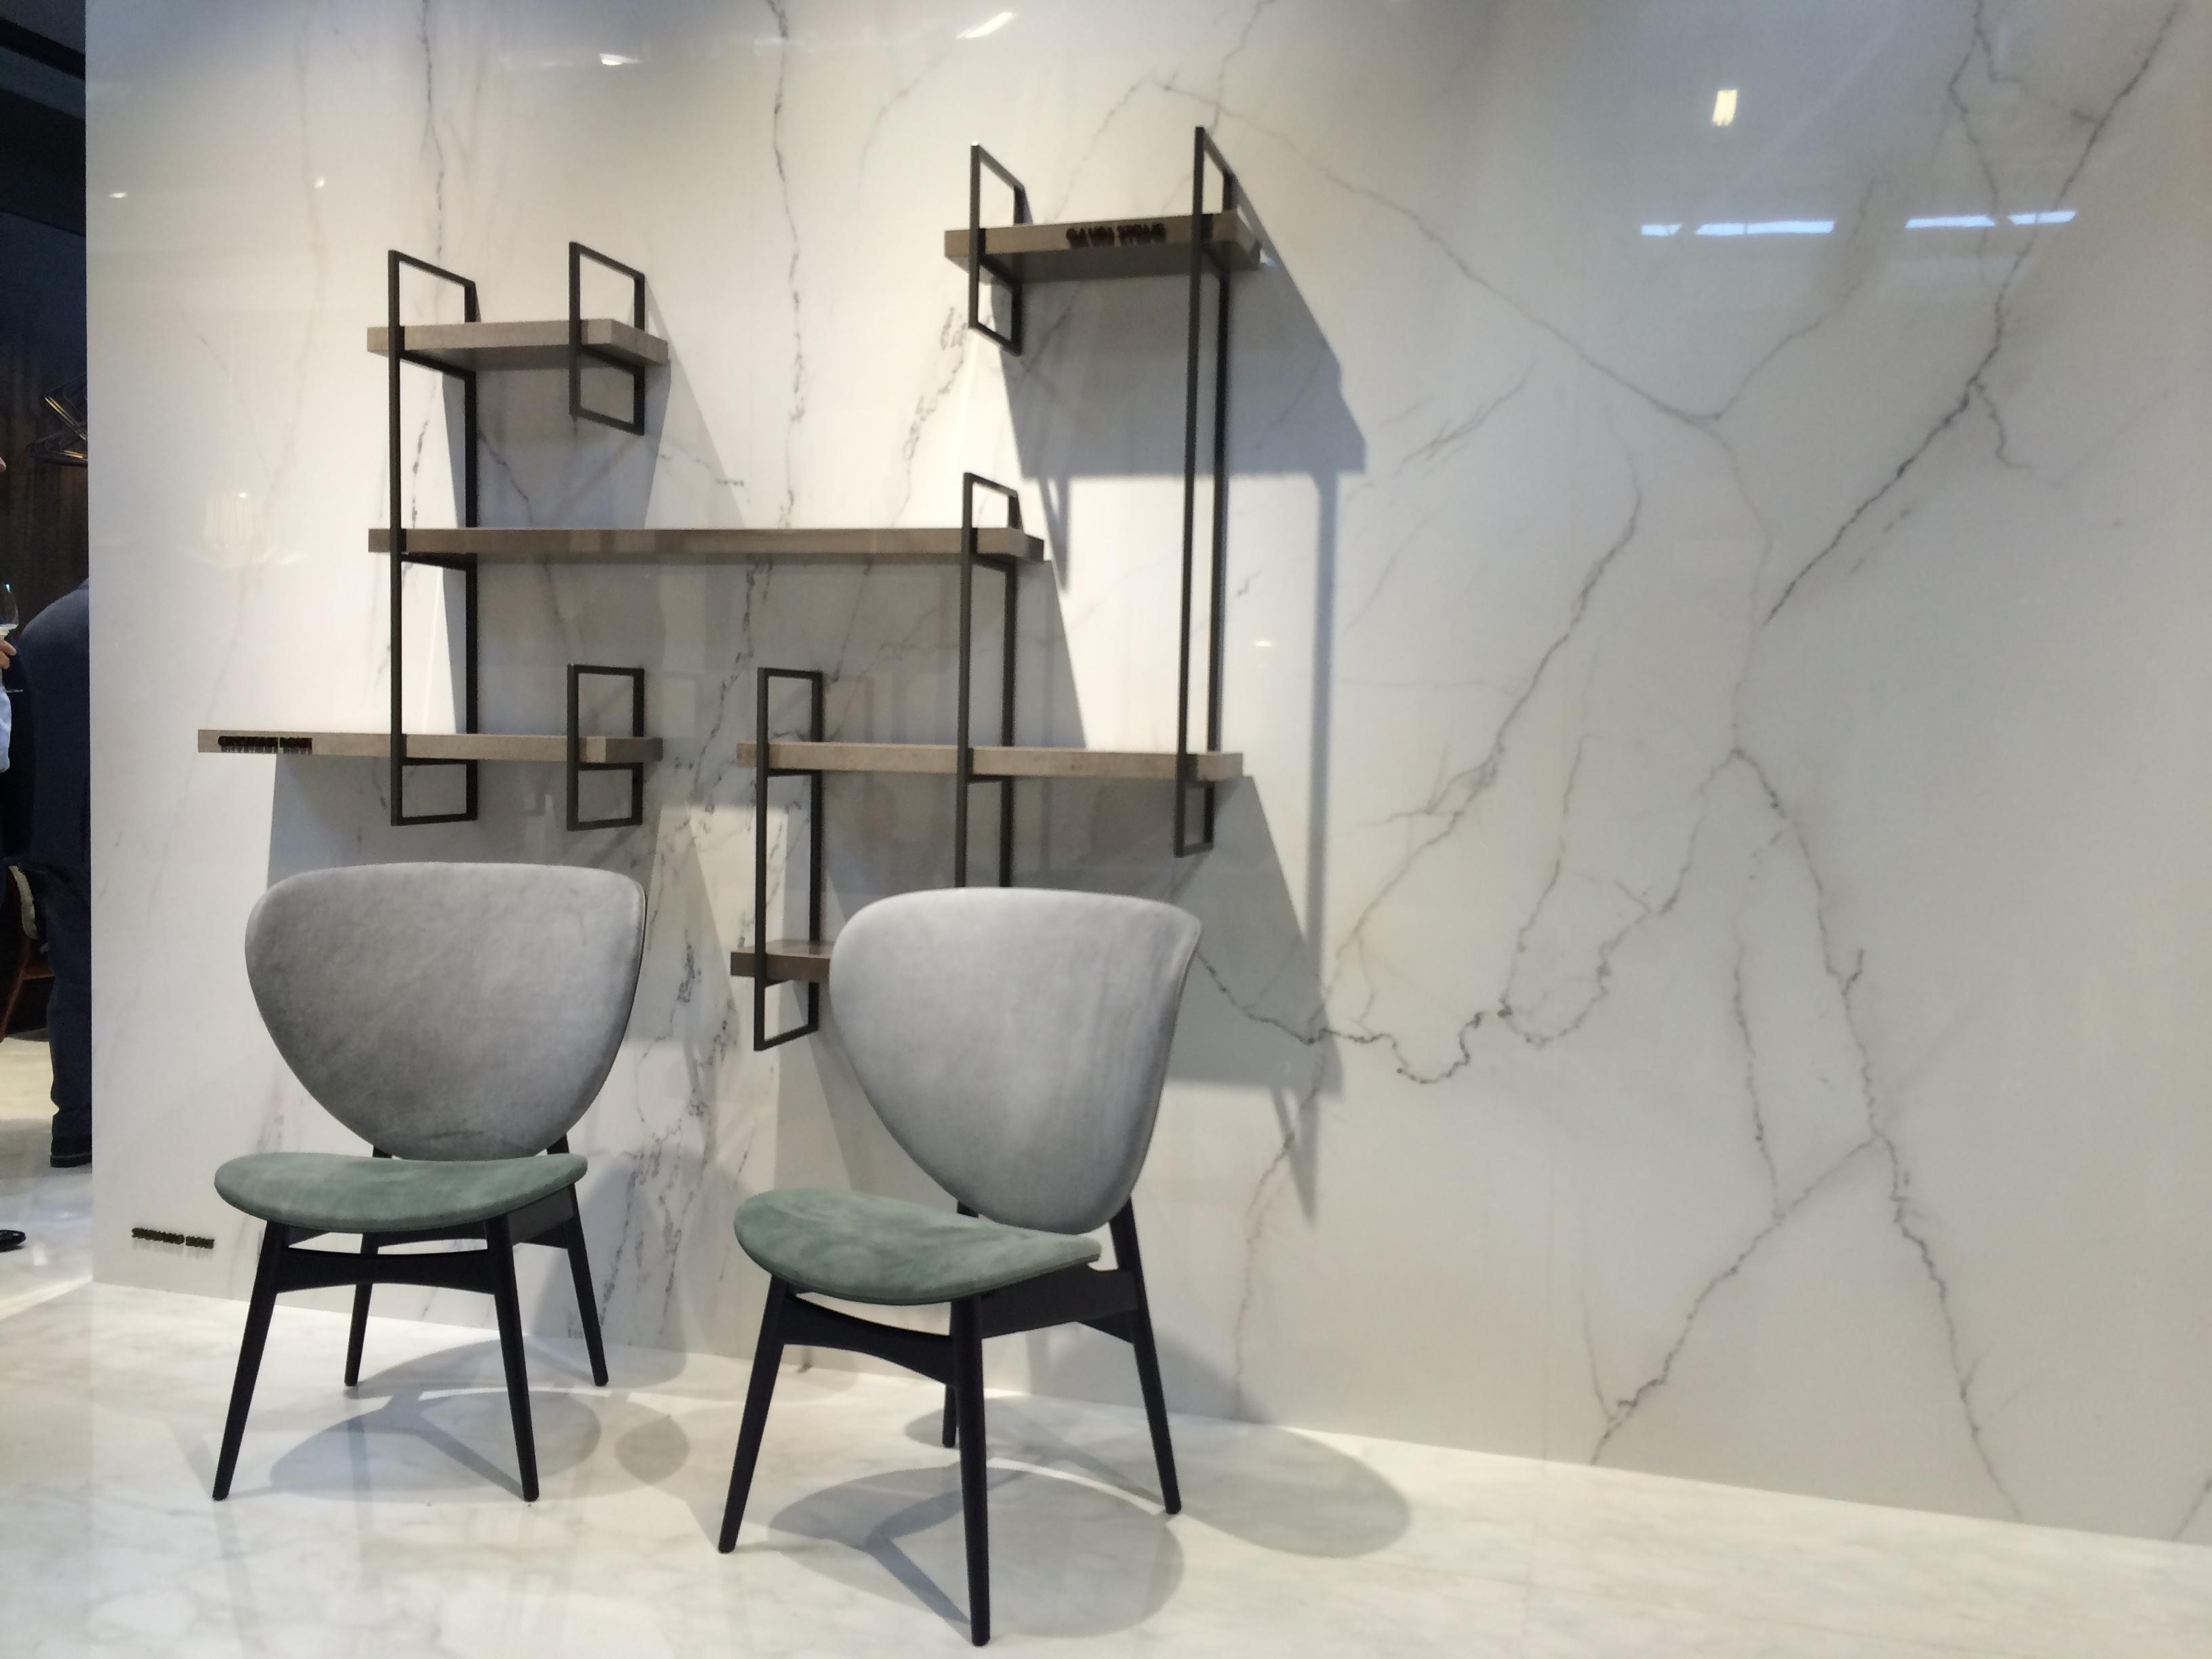 cersaie 2016 siamo fuori dal tunnel giornale dell 39 architettura periodico in edizione. Black Bedroom Furniture Sets. Home Design Ideas